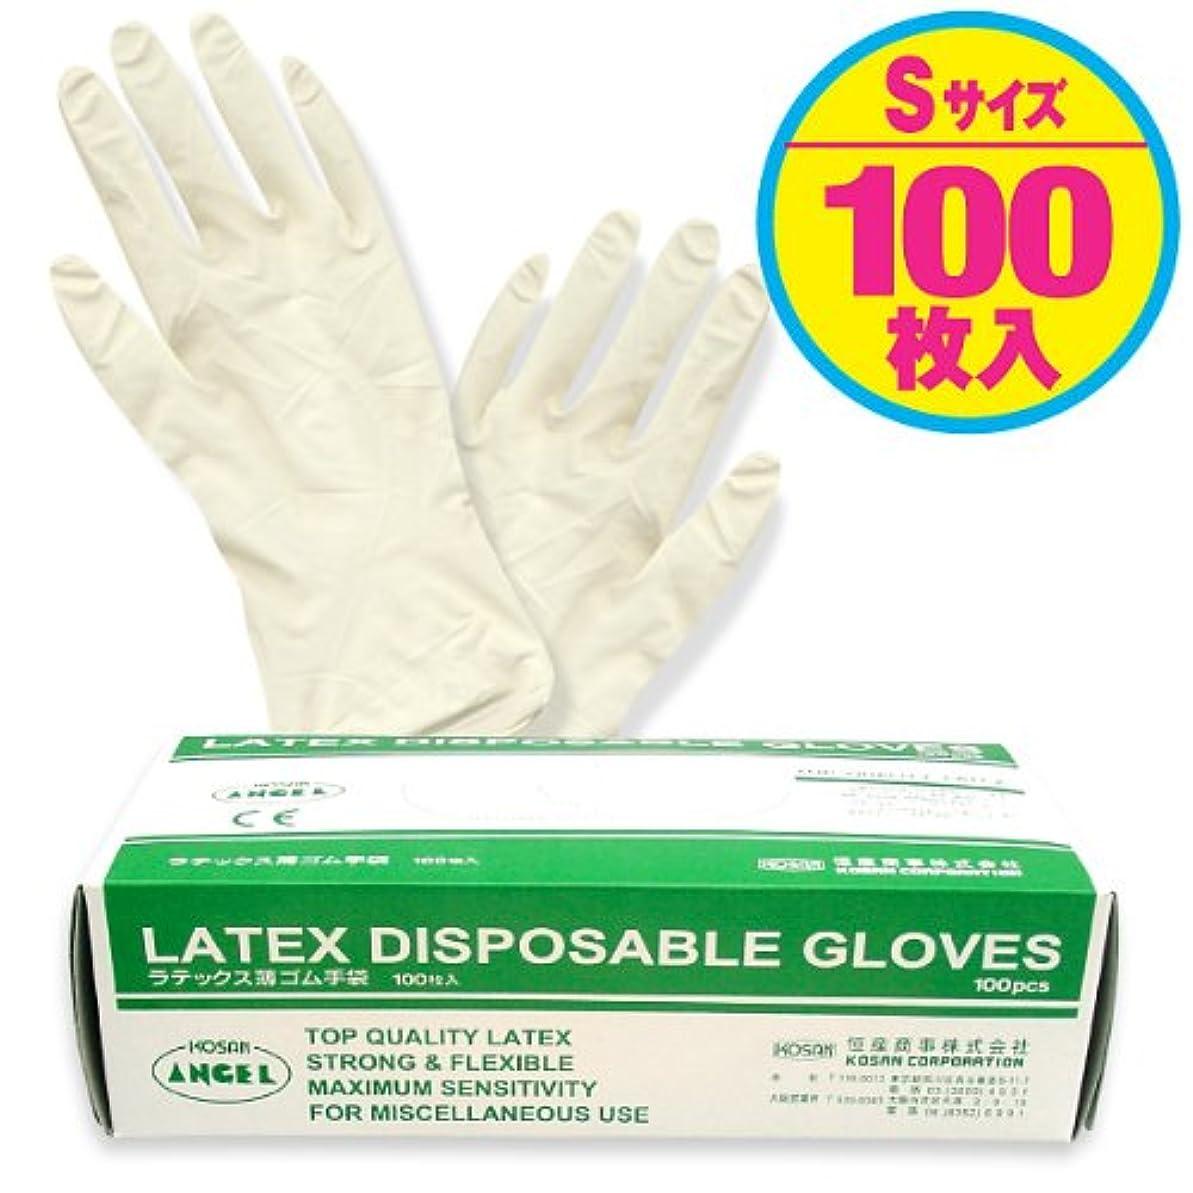 剥離つかむ話す使い捨て【ラテックス手袋/Sサイズ 】 高伸縮性?天然ゴム手袋/パウダーイン 《高品質?医療機関でも使用》